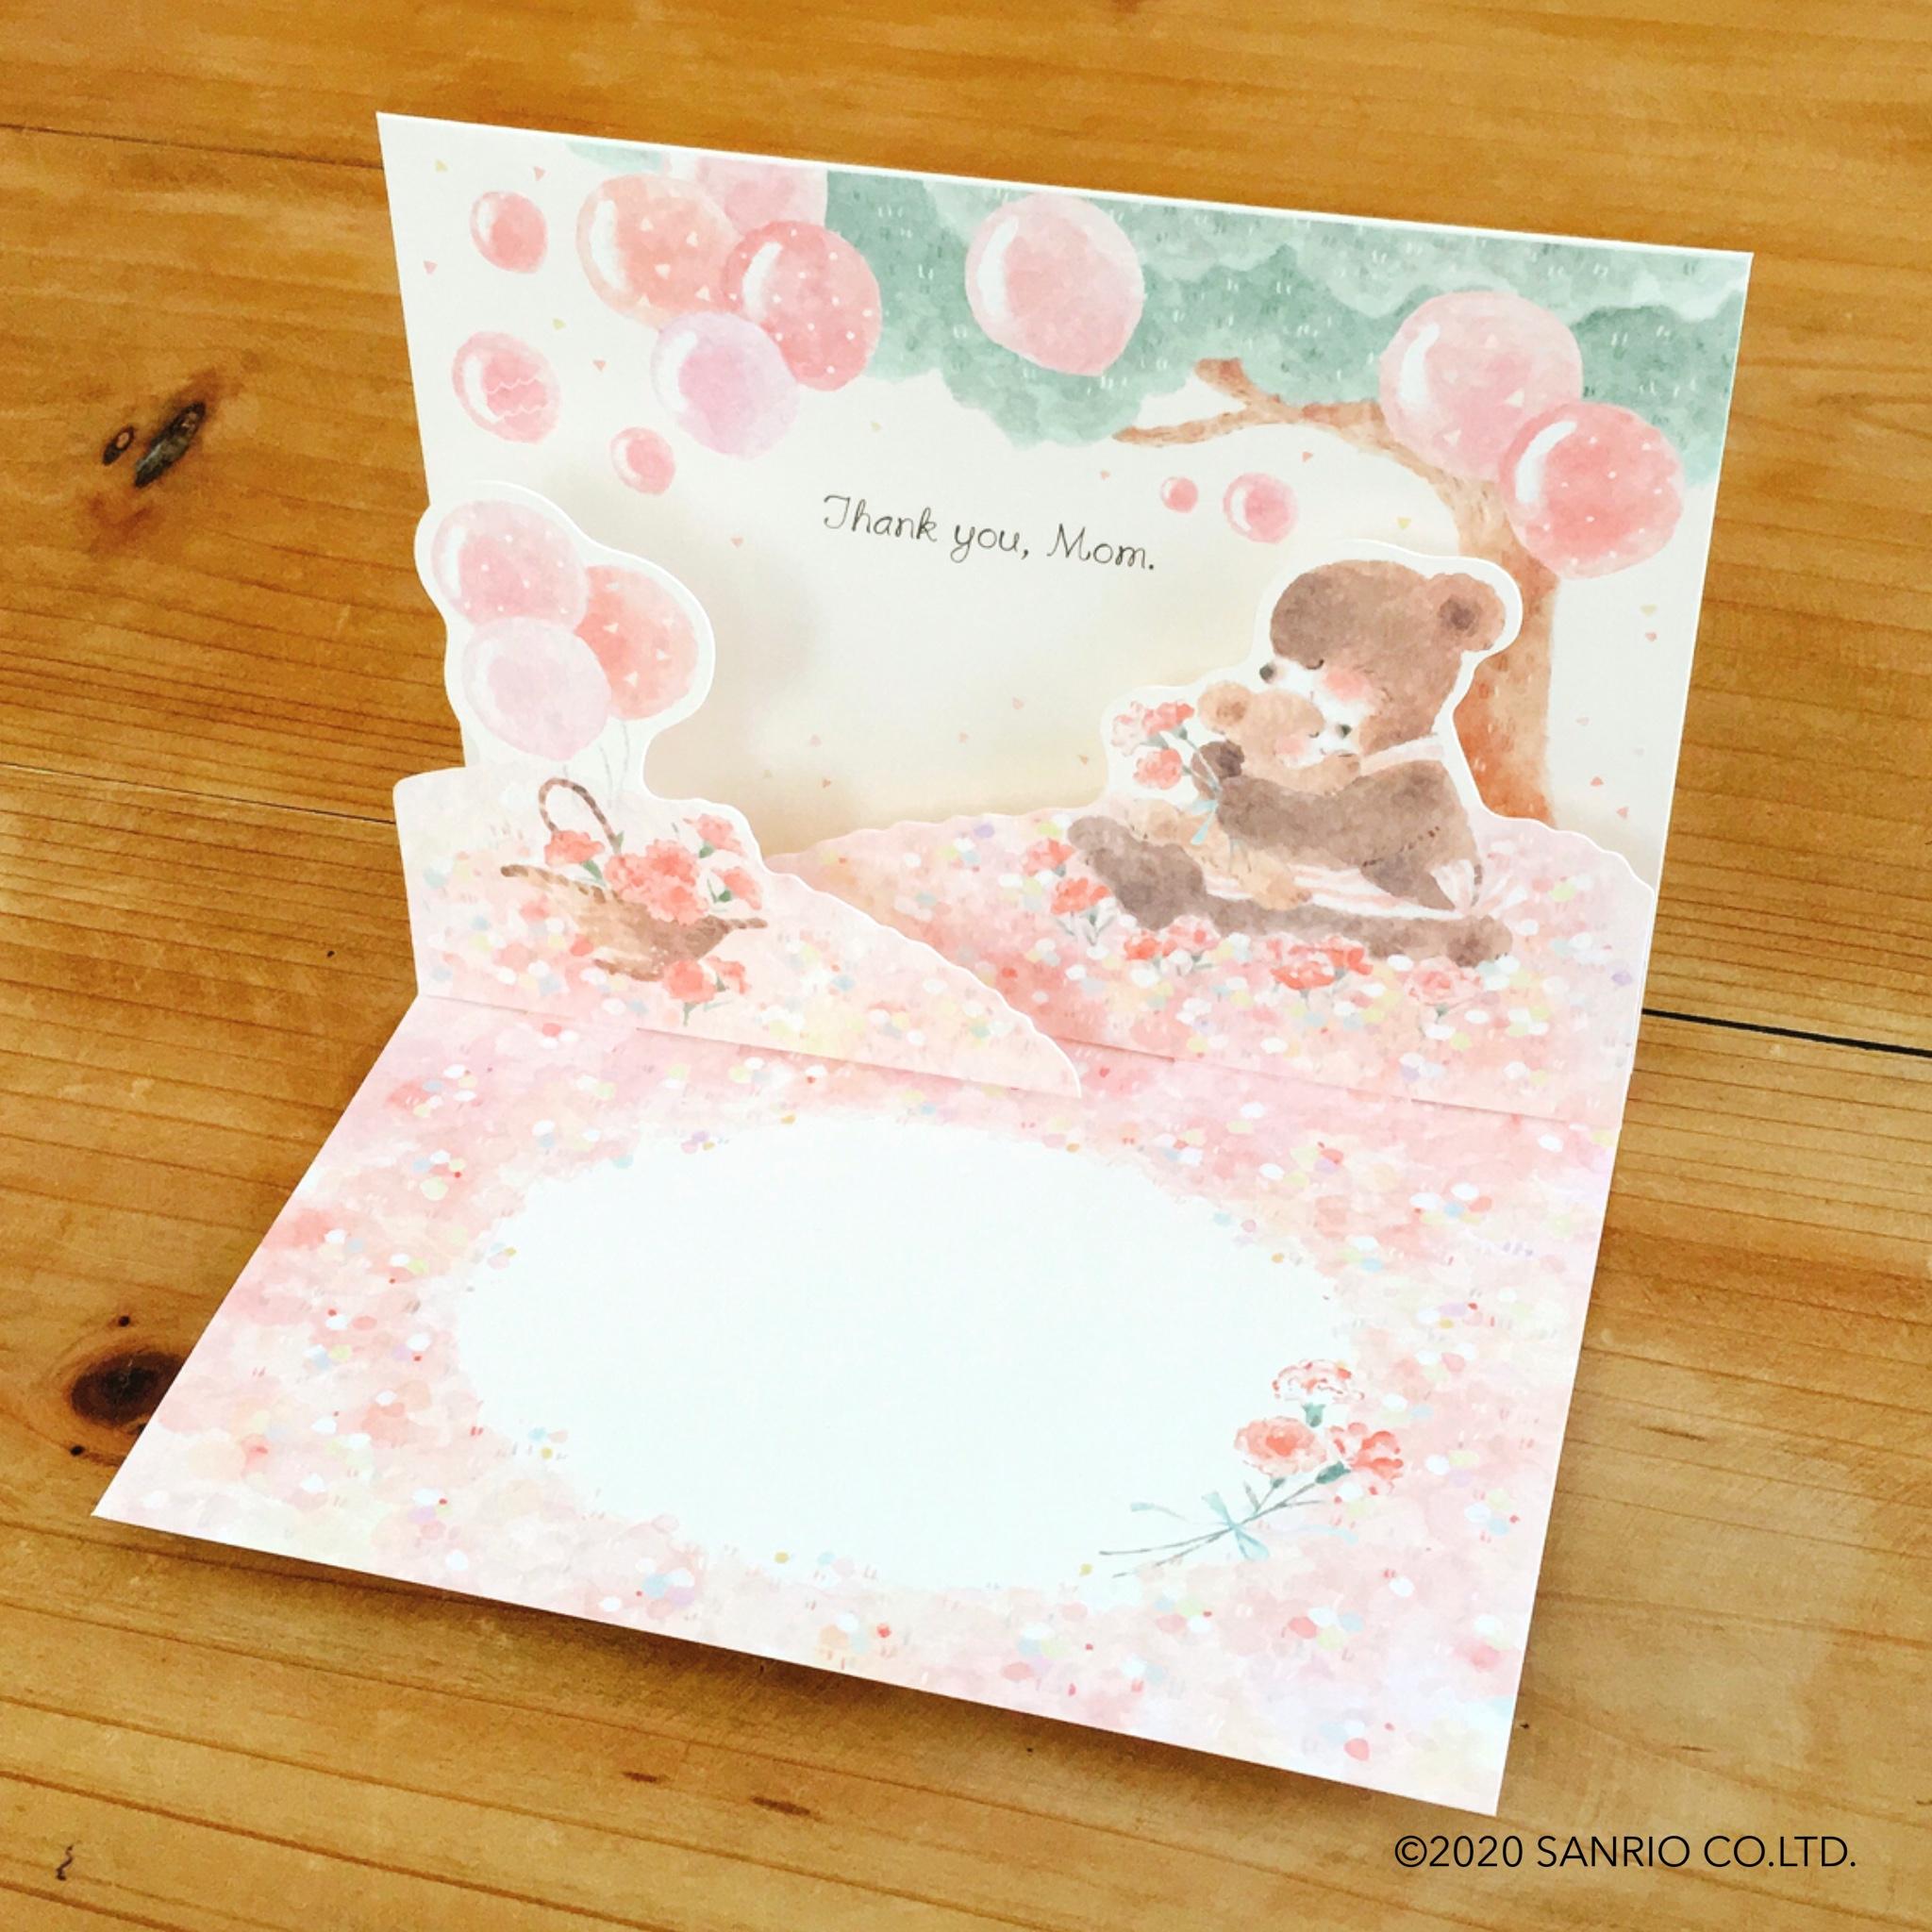 45A7828E 0870 45A5 85EE 42103A93B92A - グリーティングカードデザイン(母の日)